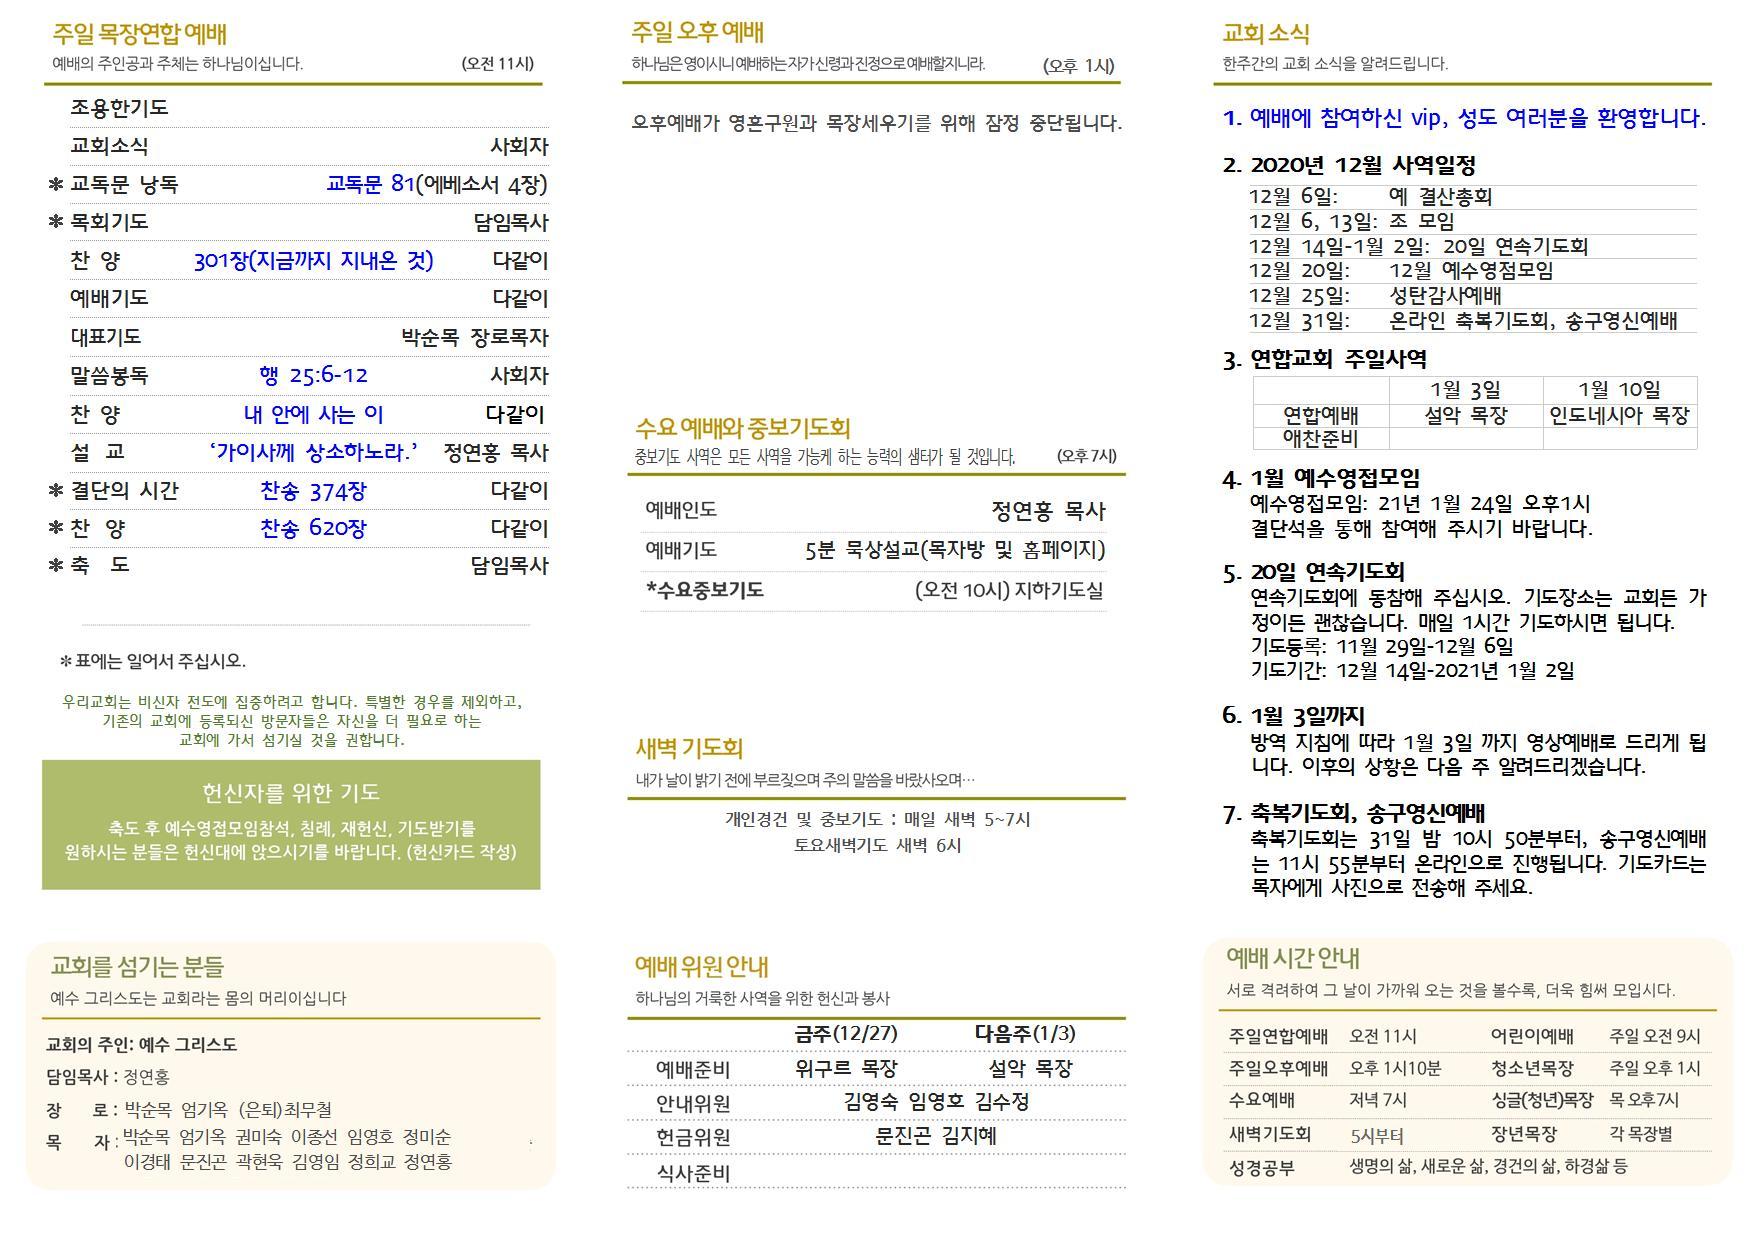 201227-1,2002.jpg